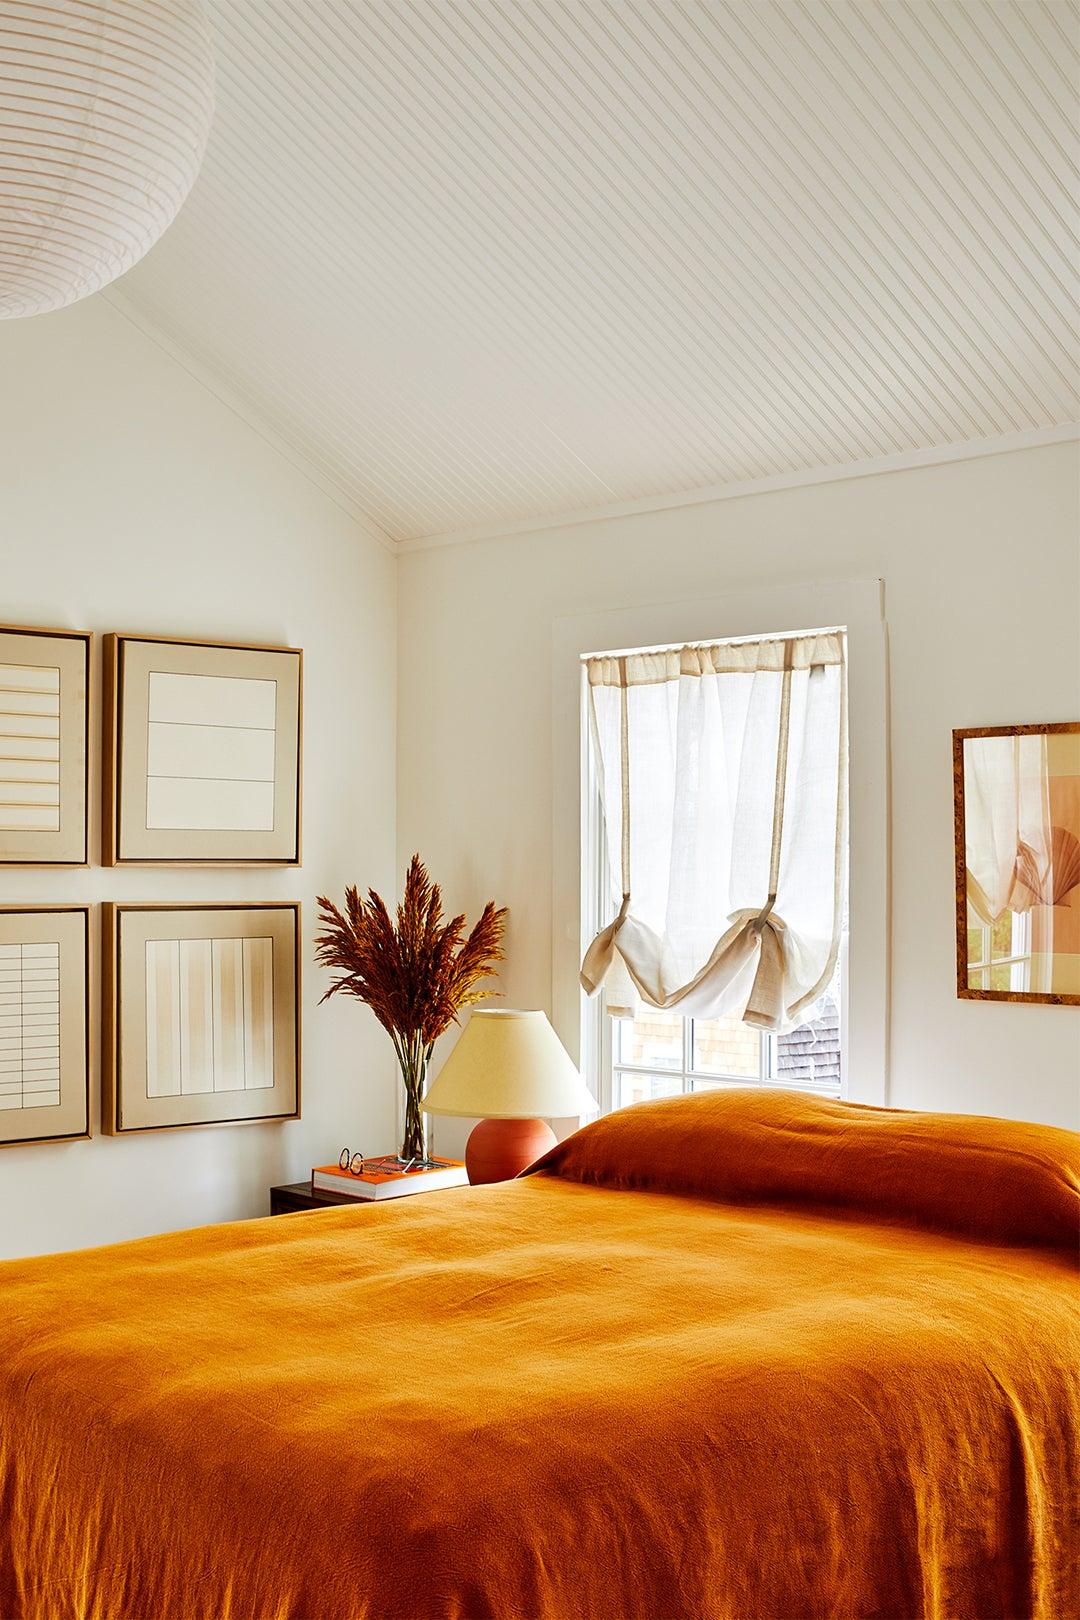 bedroom with orange duvet